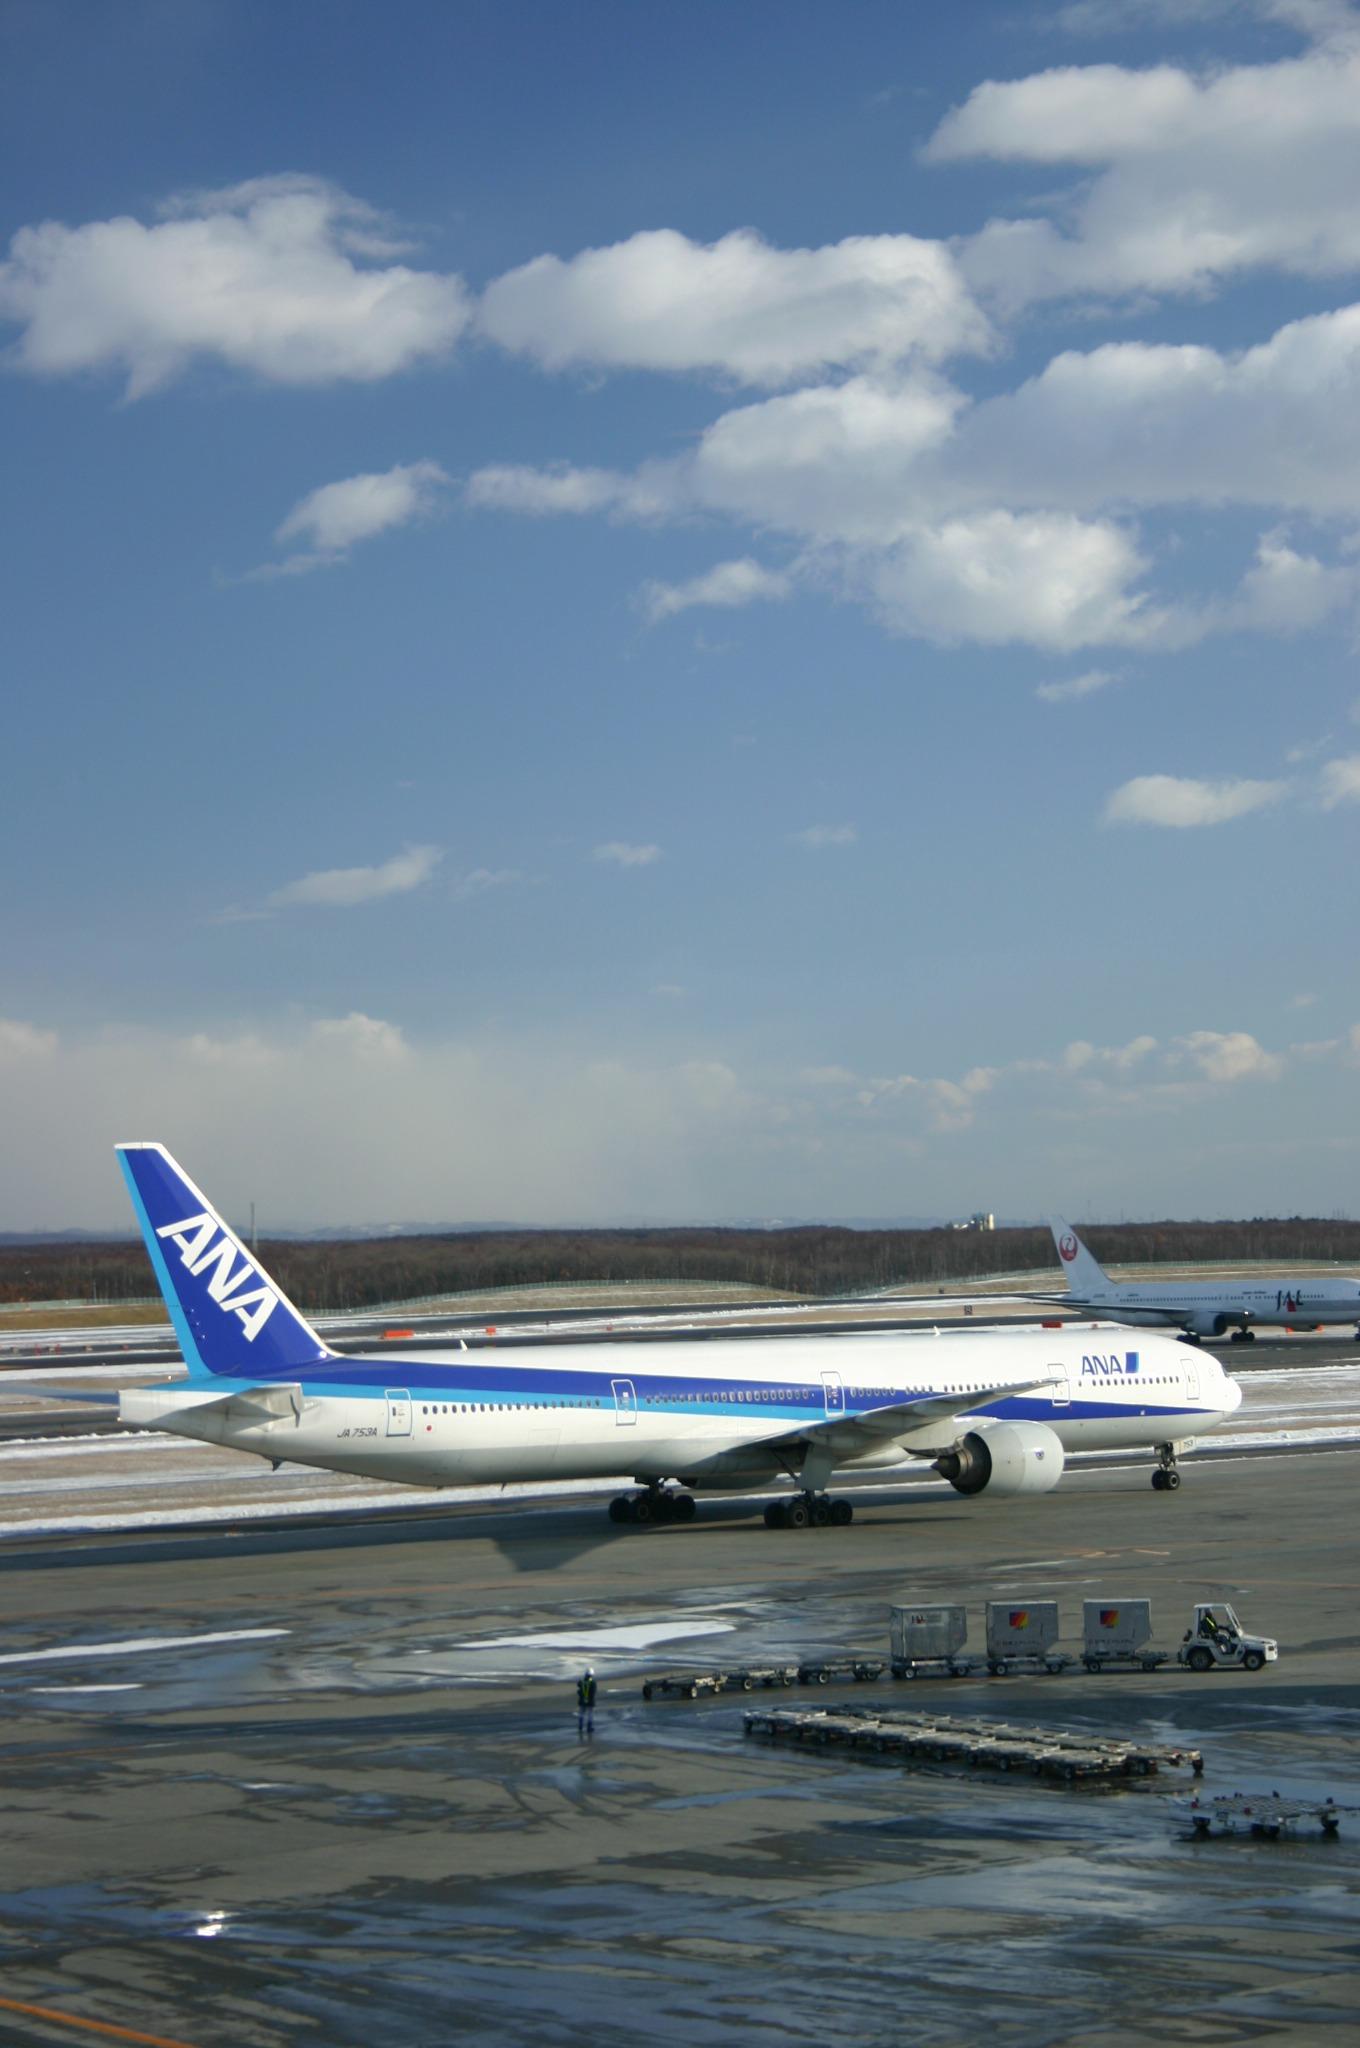 千歳空港より飛立つ前の飛行機